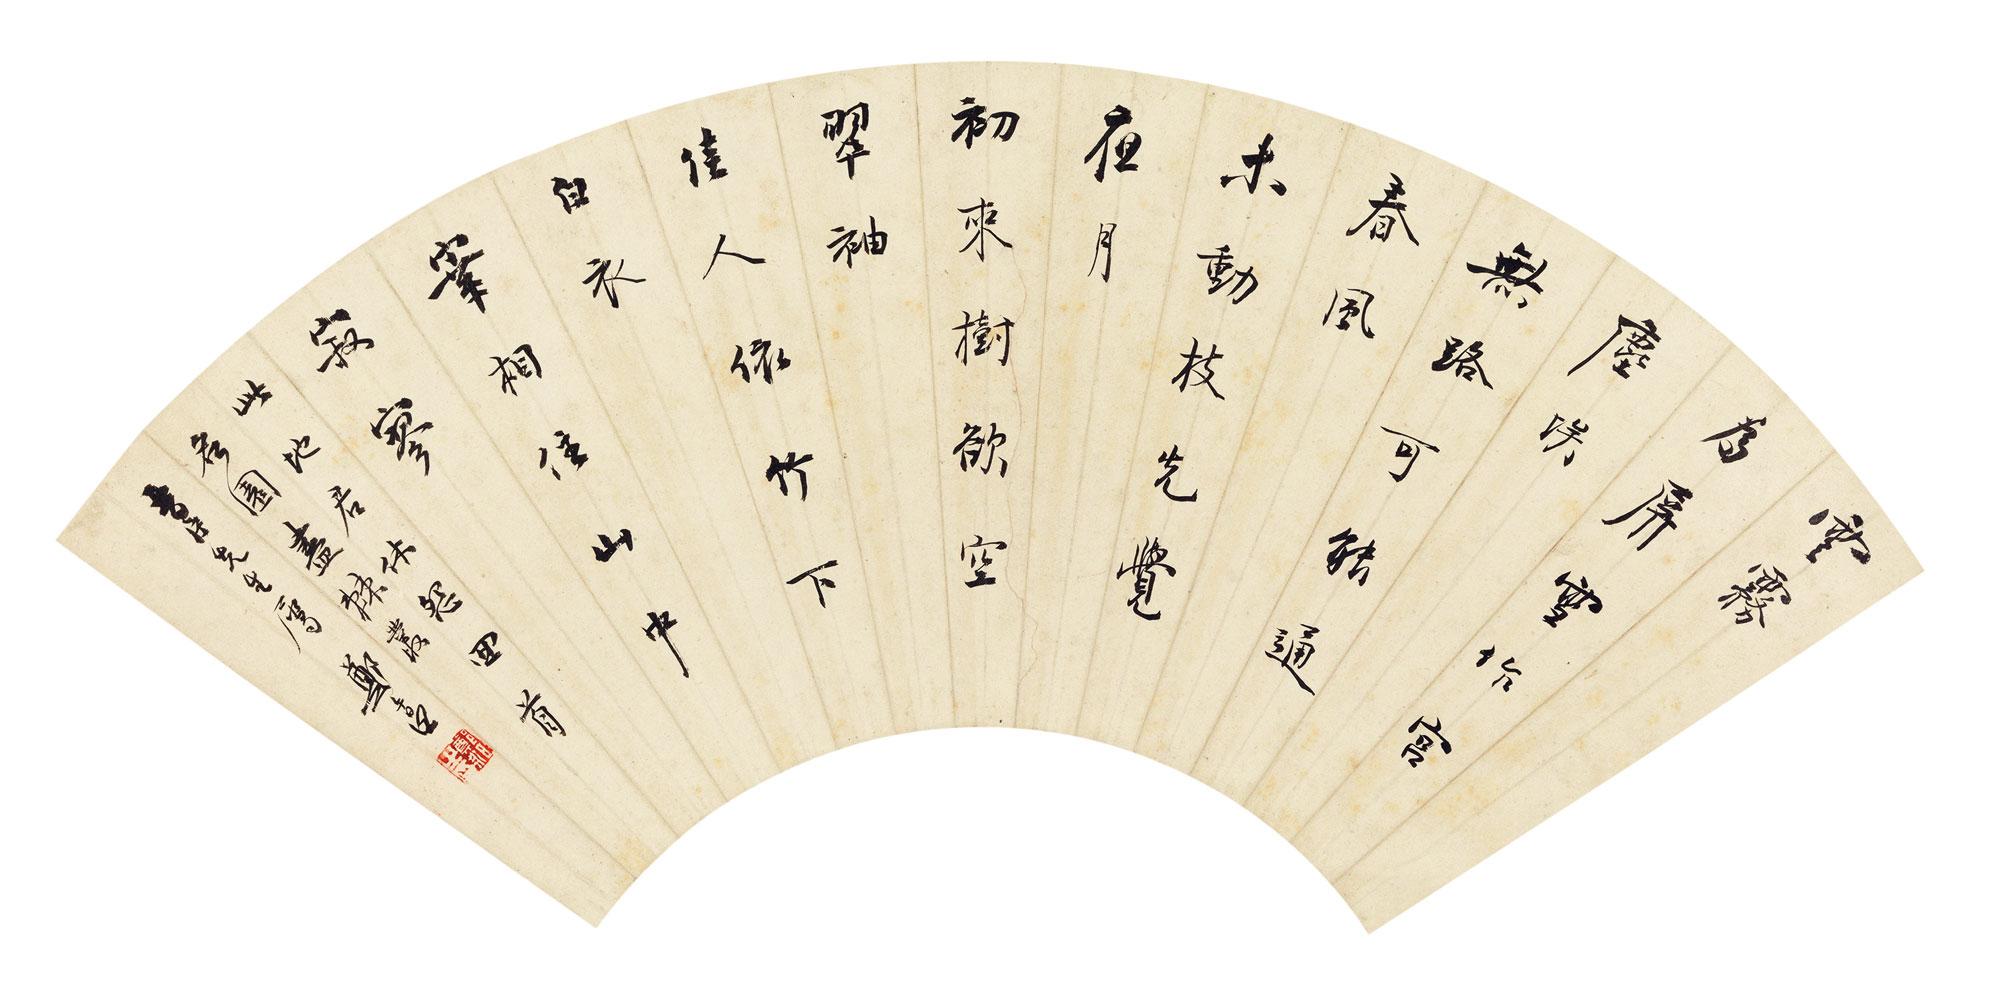 郑午昌-行书七言诗拍卖预展